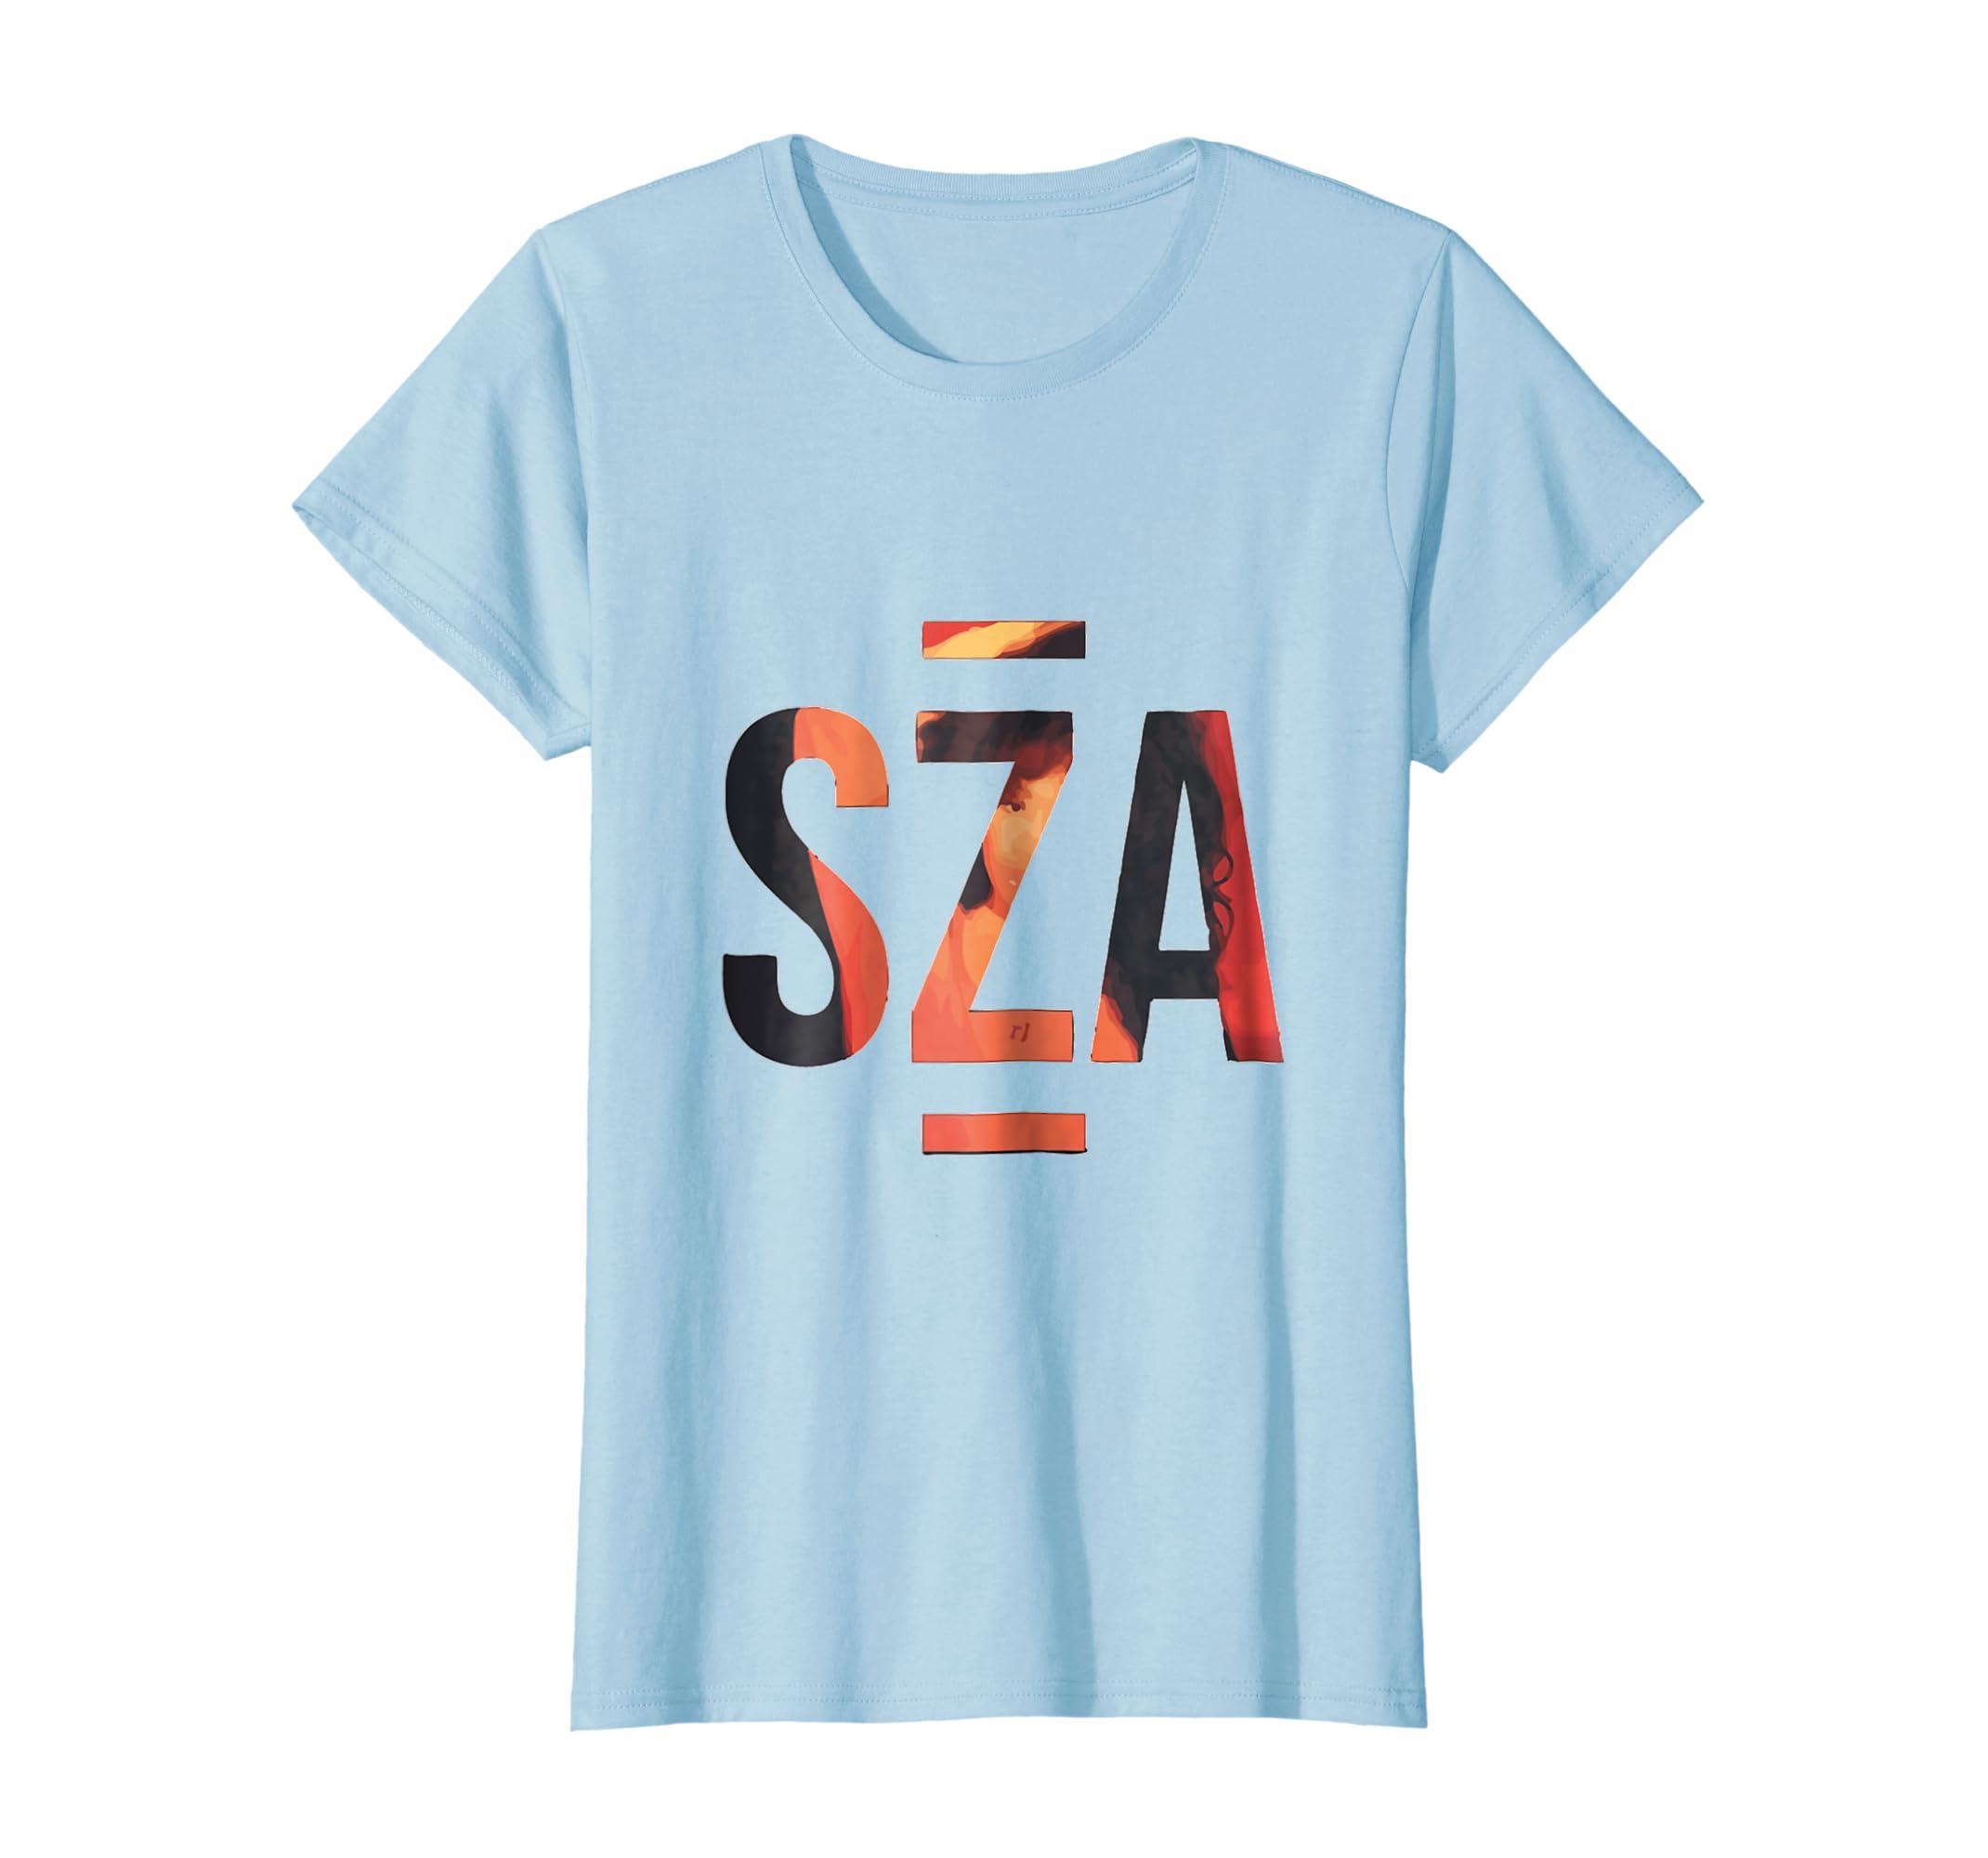 da6c6018 Amazon.com: SZA T-shirt: Clothing